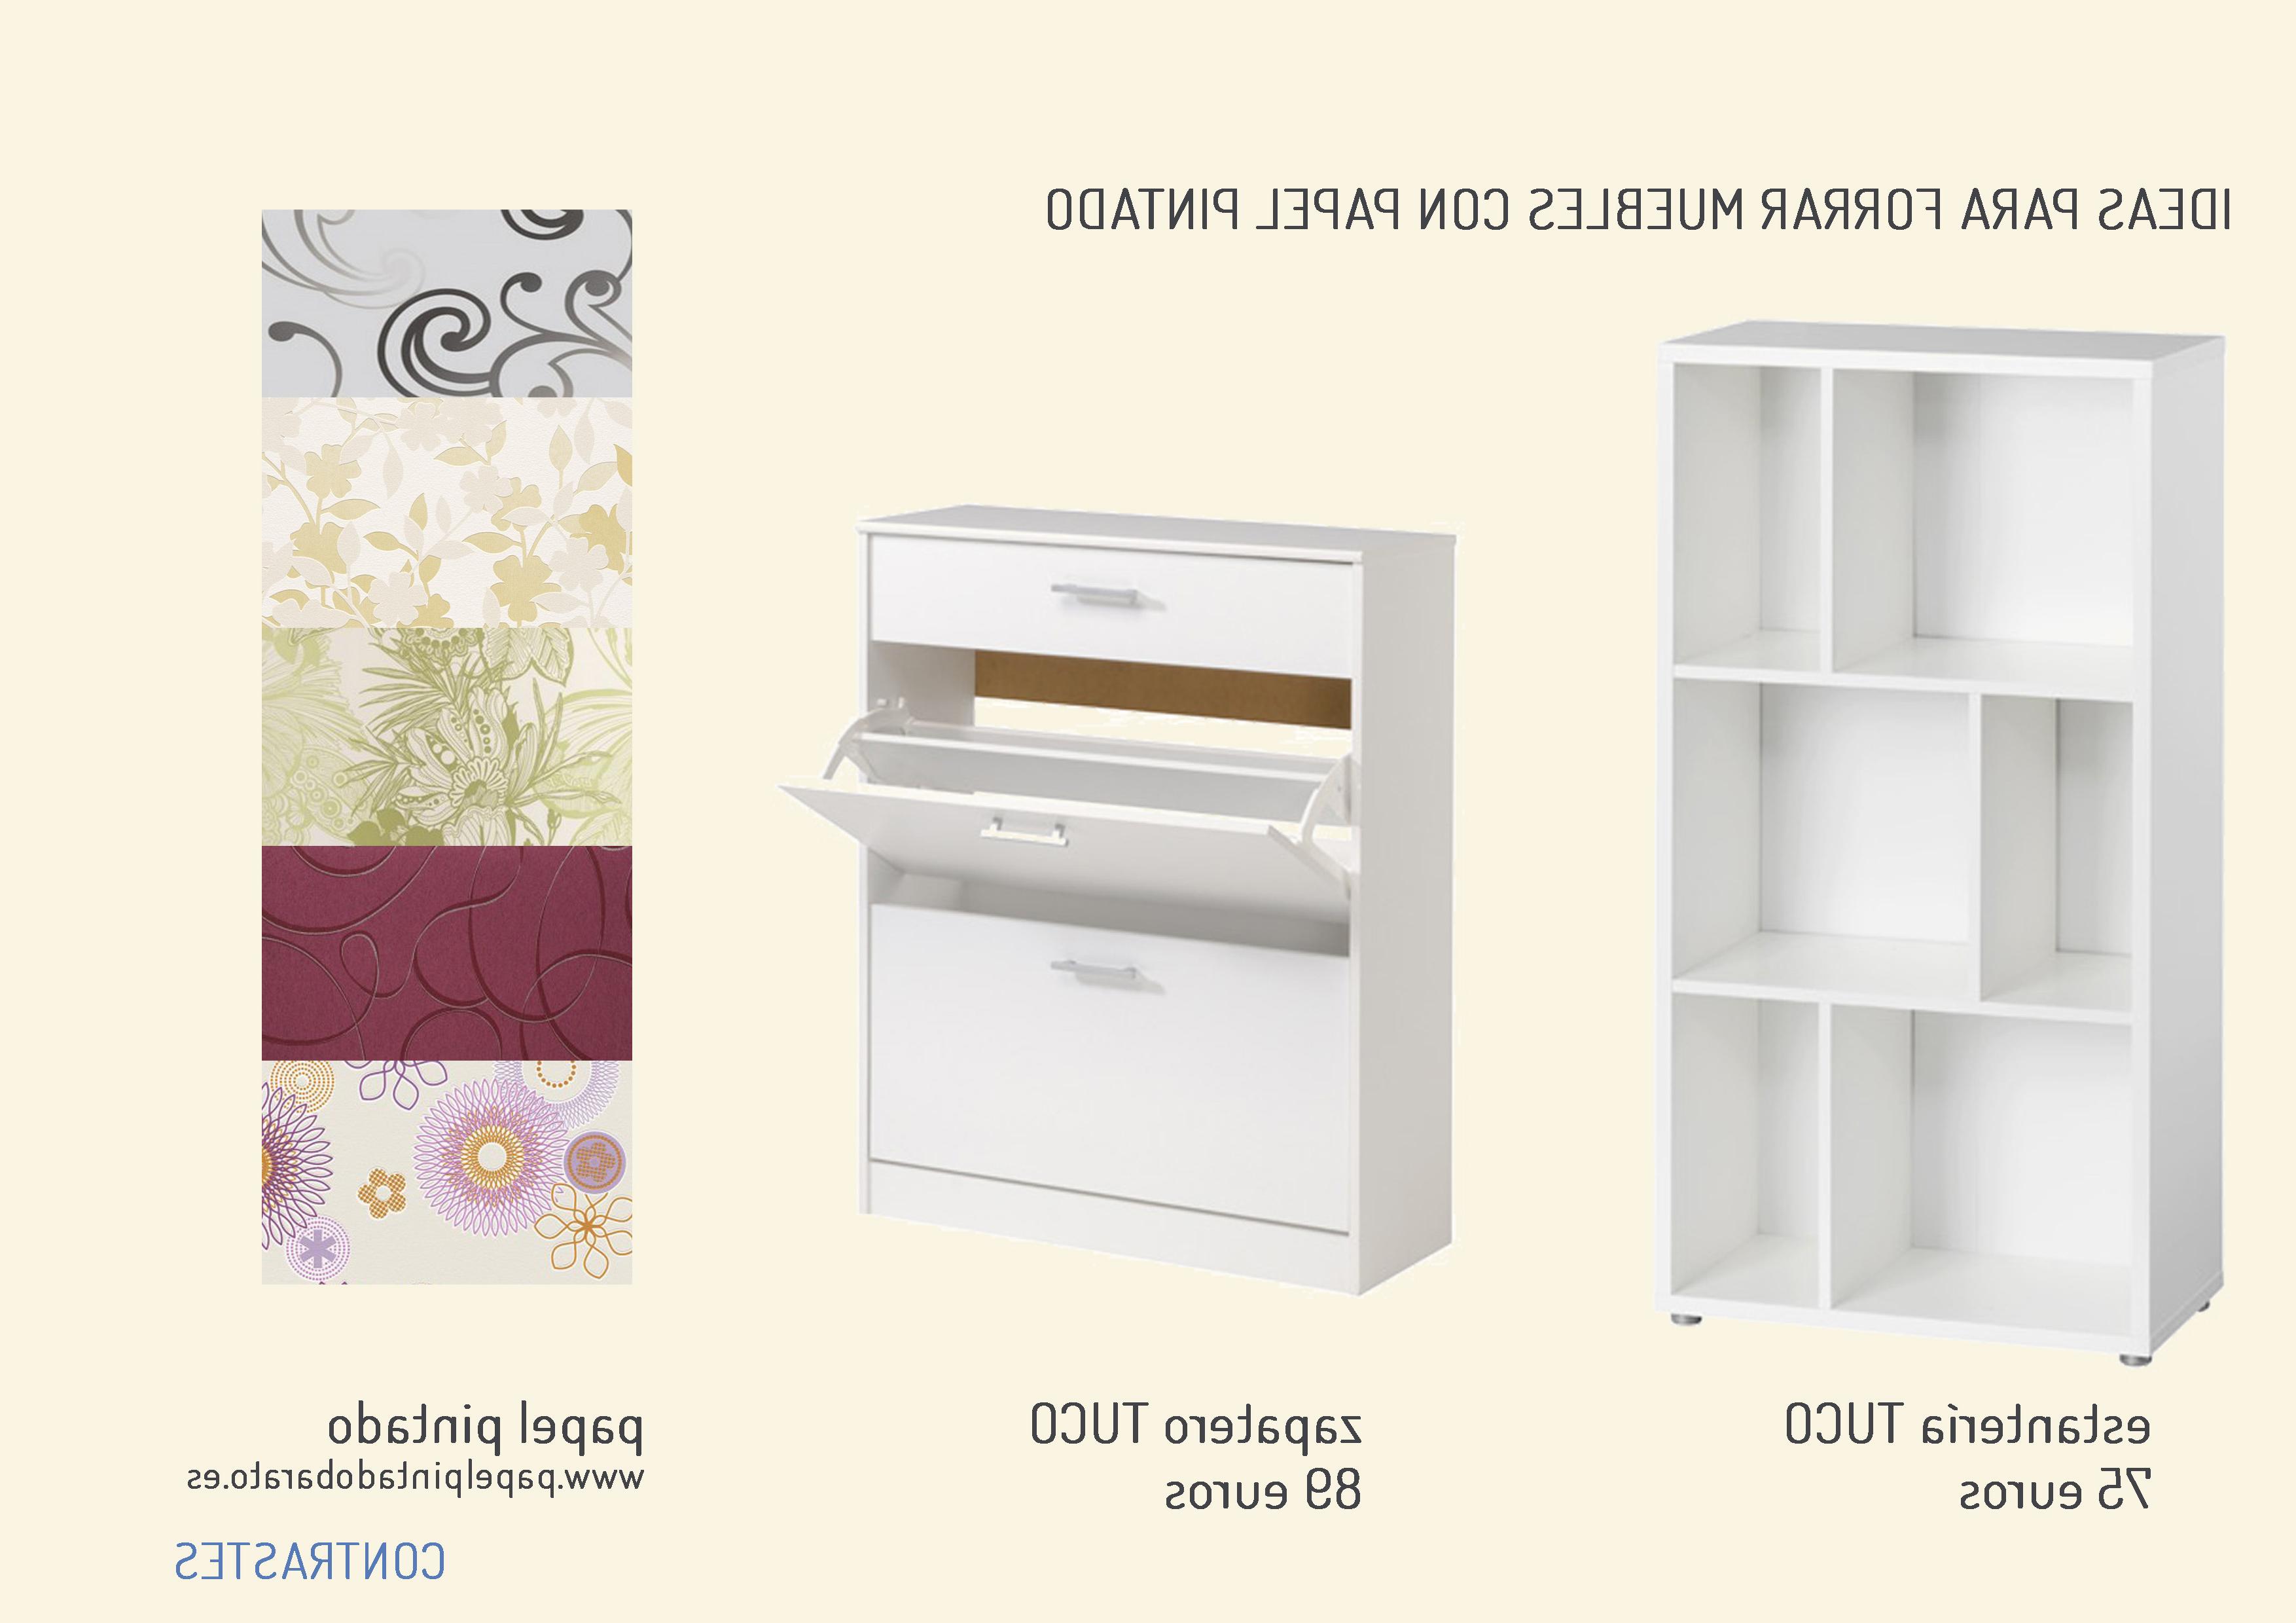 Papel Pintado Para Muebles Etdg forrar Muebles Con Papel Pintado Contrastes